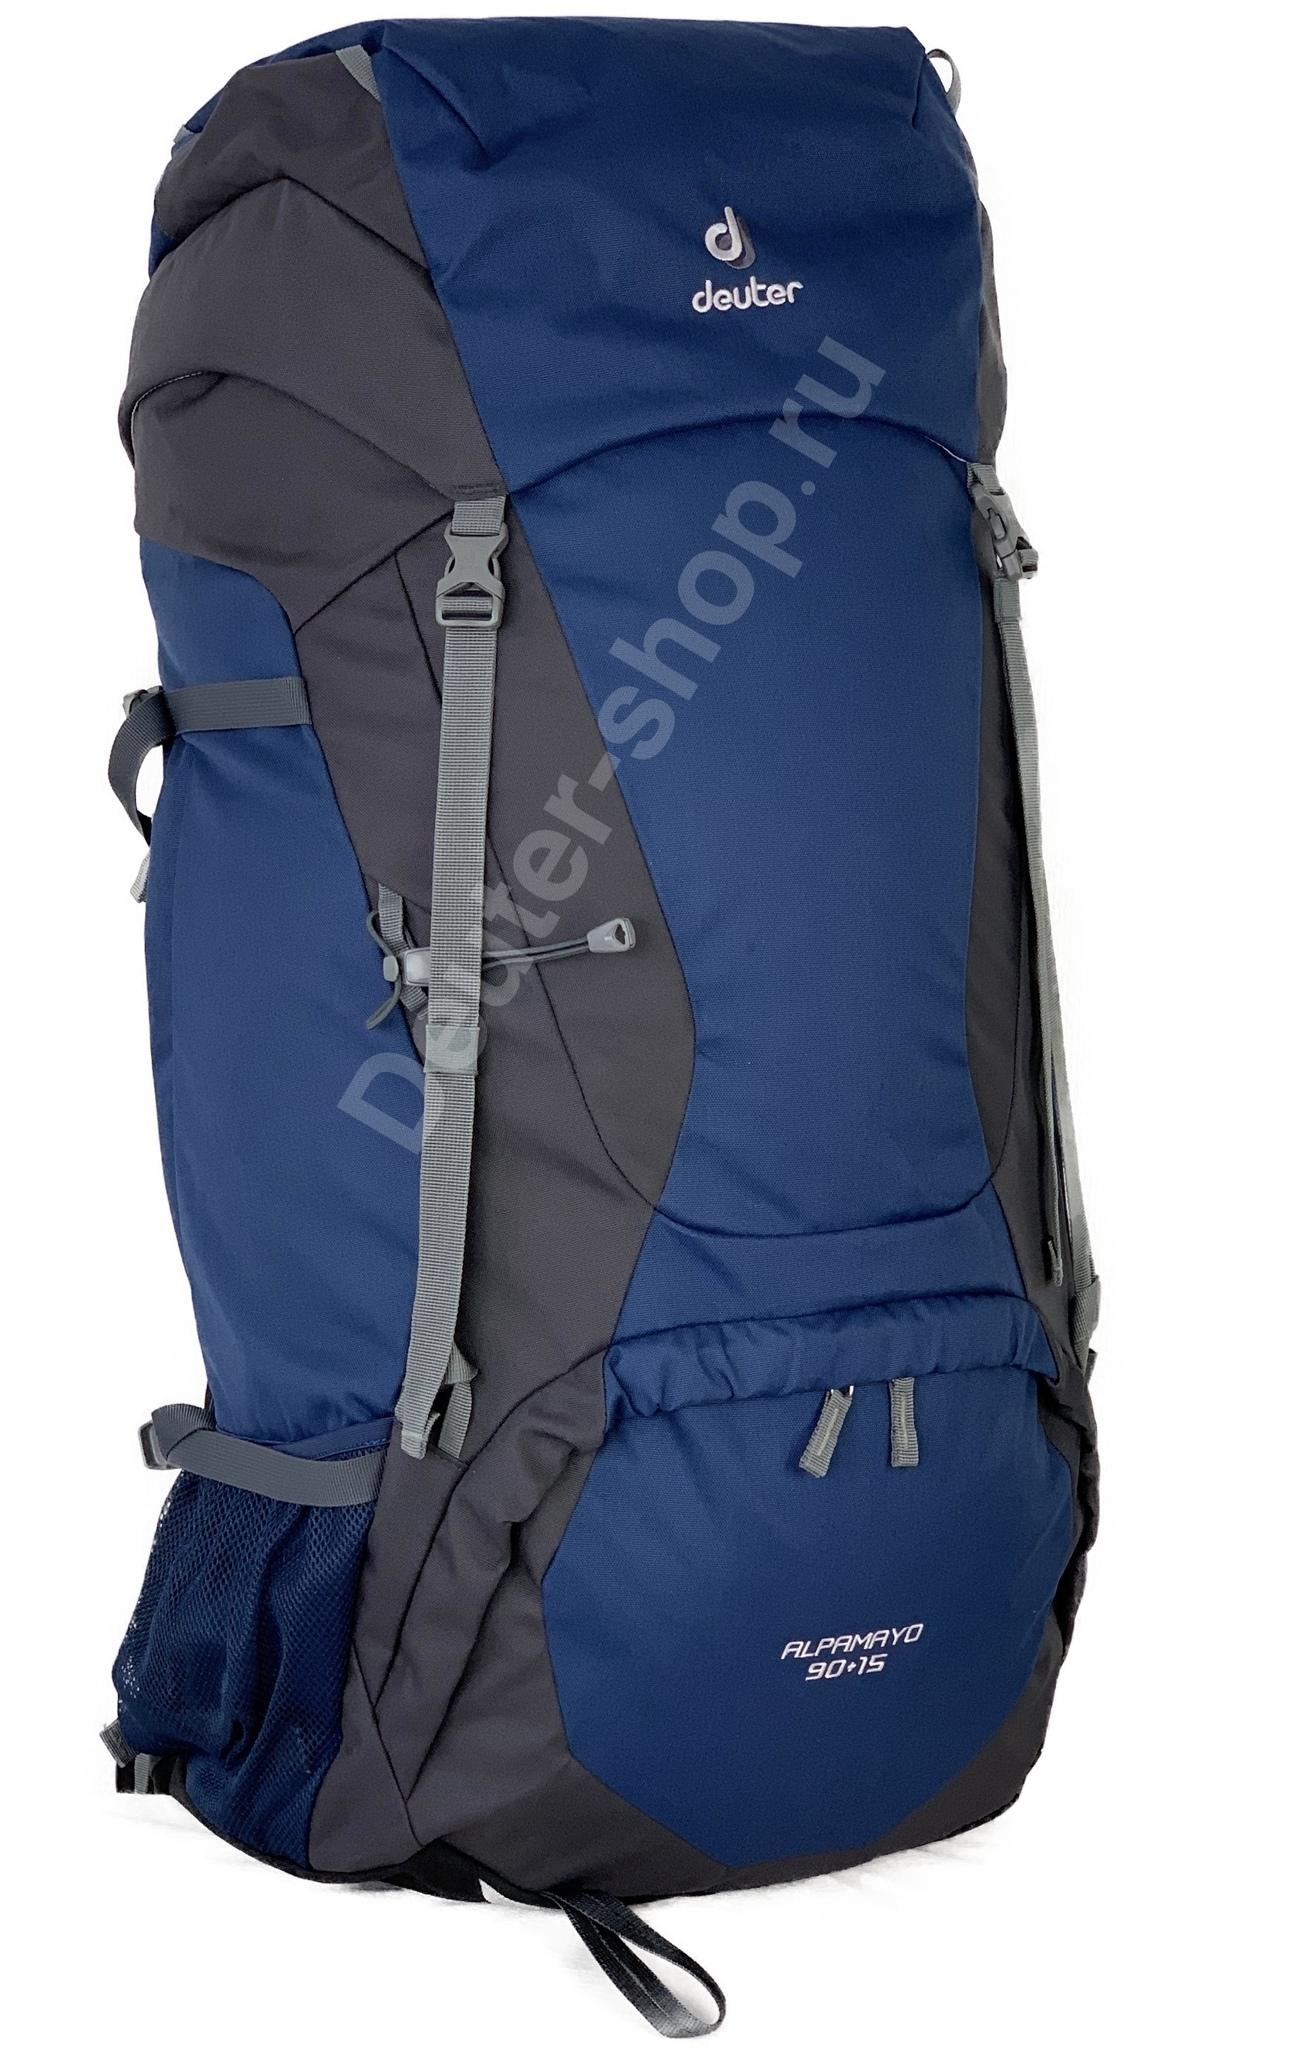 Туристические рюкзаки большие Рюкзак Deuter Alpamayo 90 + 15 (2021) C389507A-0626-4C6E-AFFB-F3153AAC9A5F.jpeg